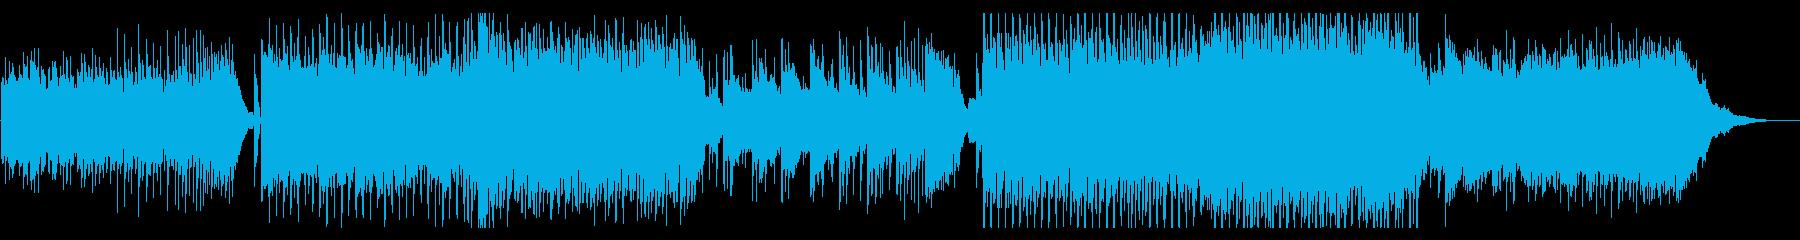 近未来_スタイリッシュなテクノ_クールの再生済みの波形